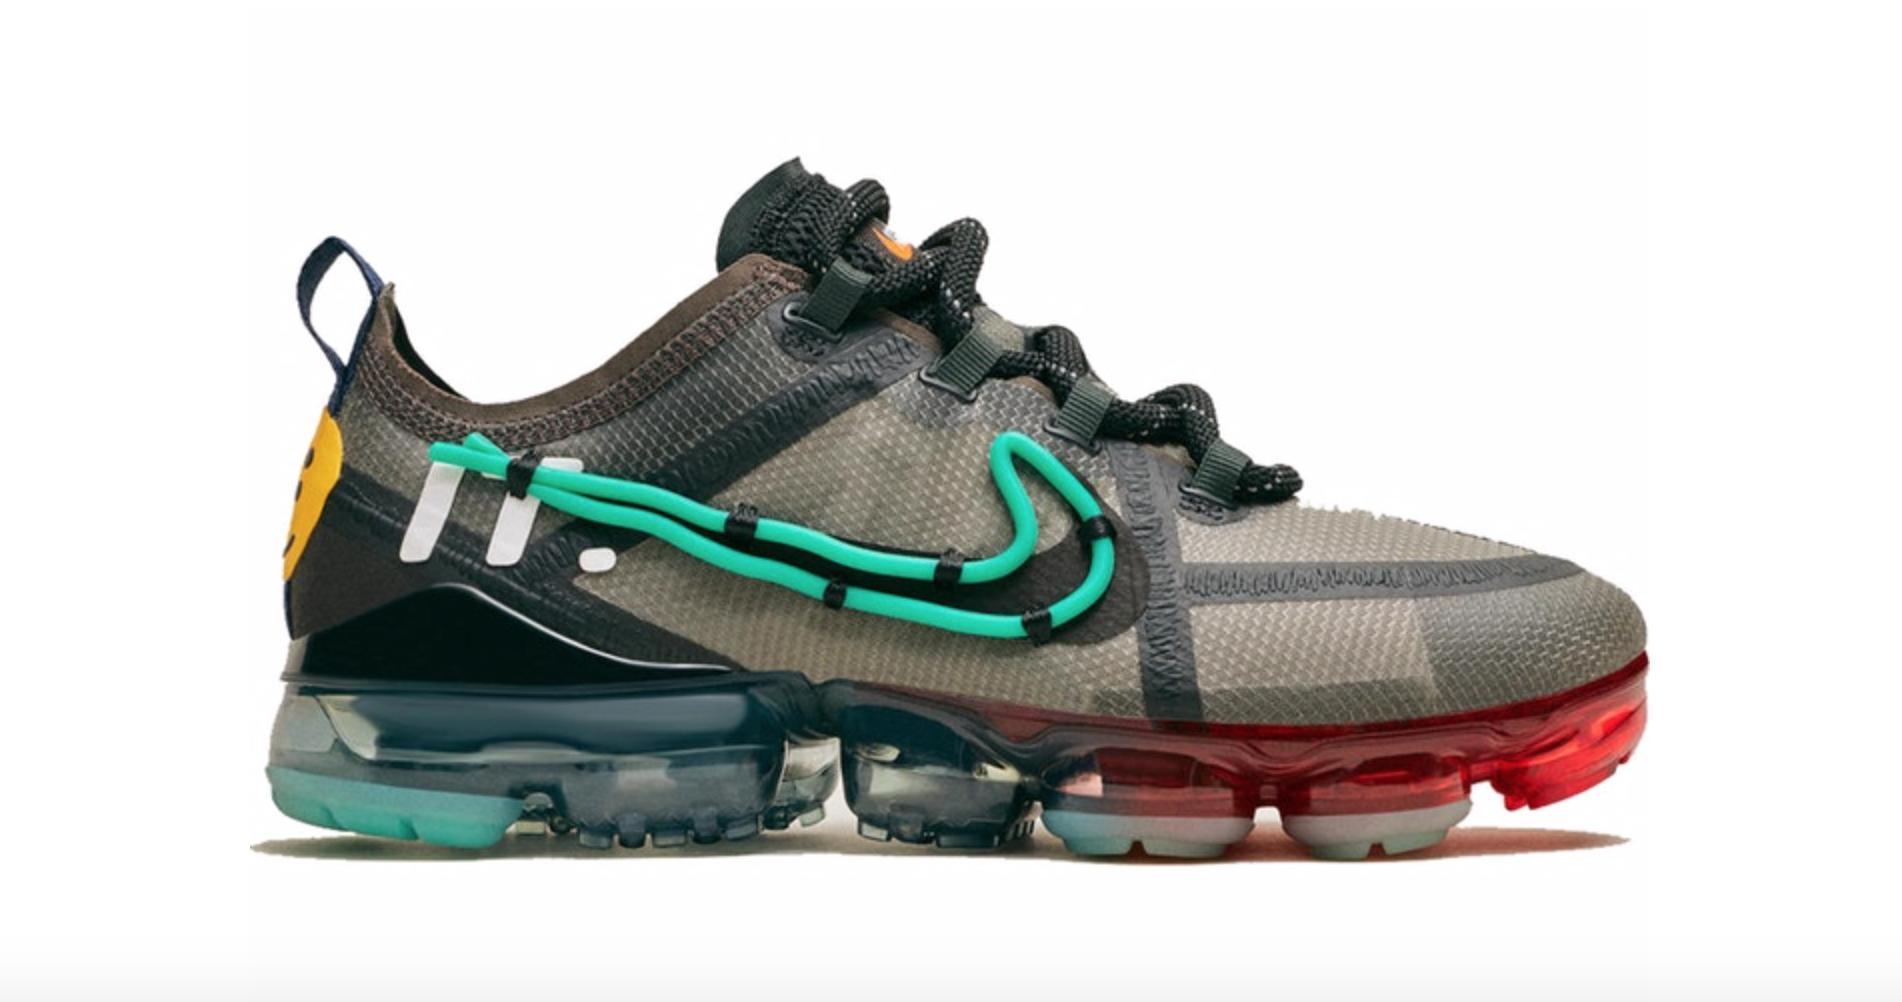 Best Nike Air Max Shoes 2019 | Air Max